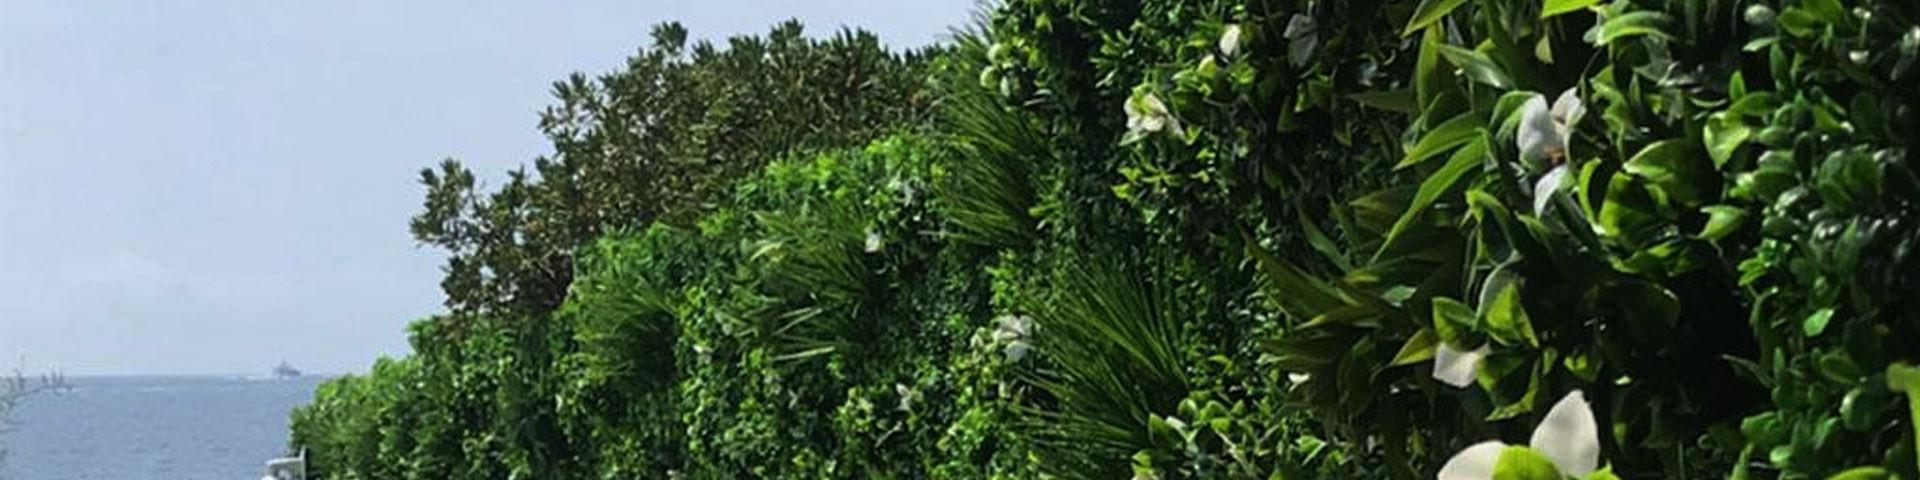 Mur Végétal Artificiel - France Green - Ambiance design et réaliste